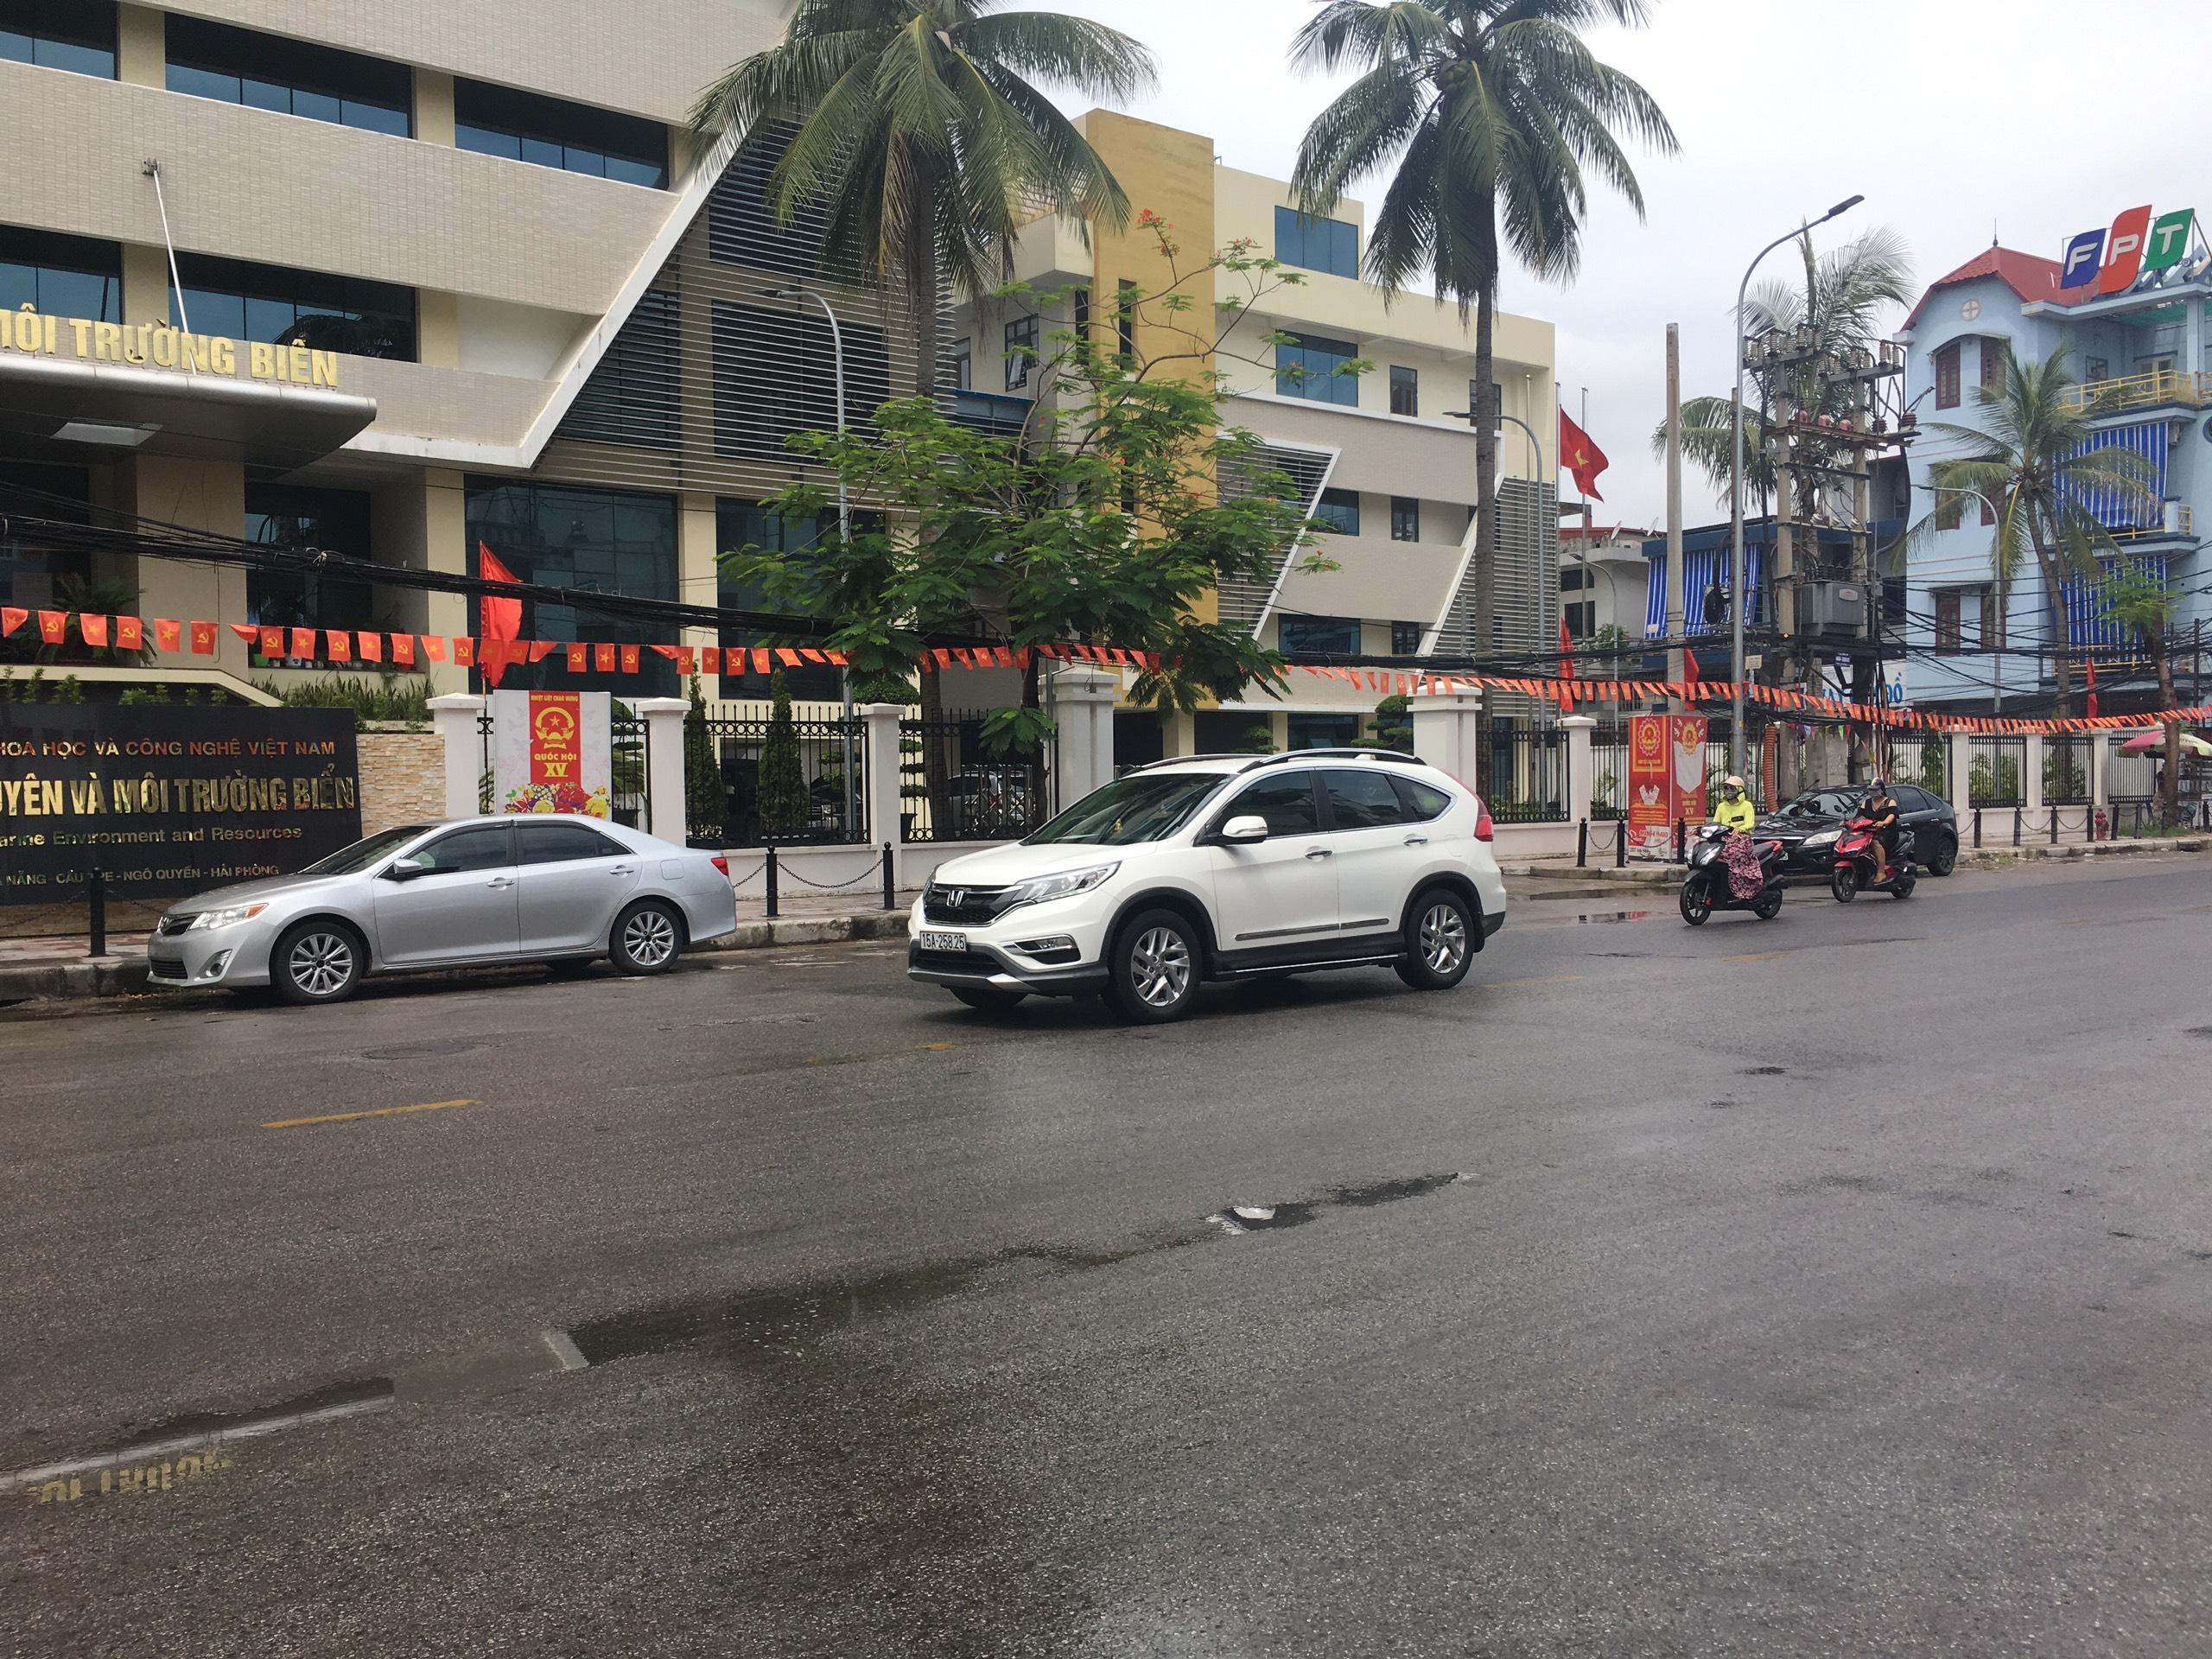 Bán nhà 4 tầng xây độc lập, mặt ngõ đường Đà Nẵng, Ngô Quyền, Hải Phòng